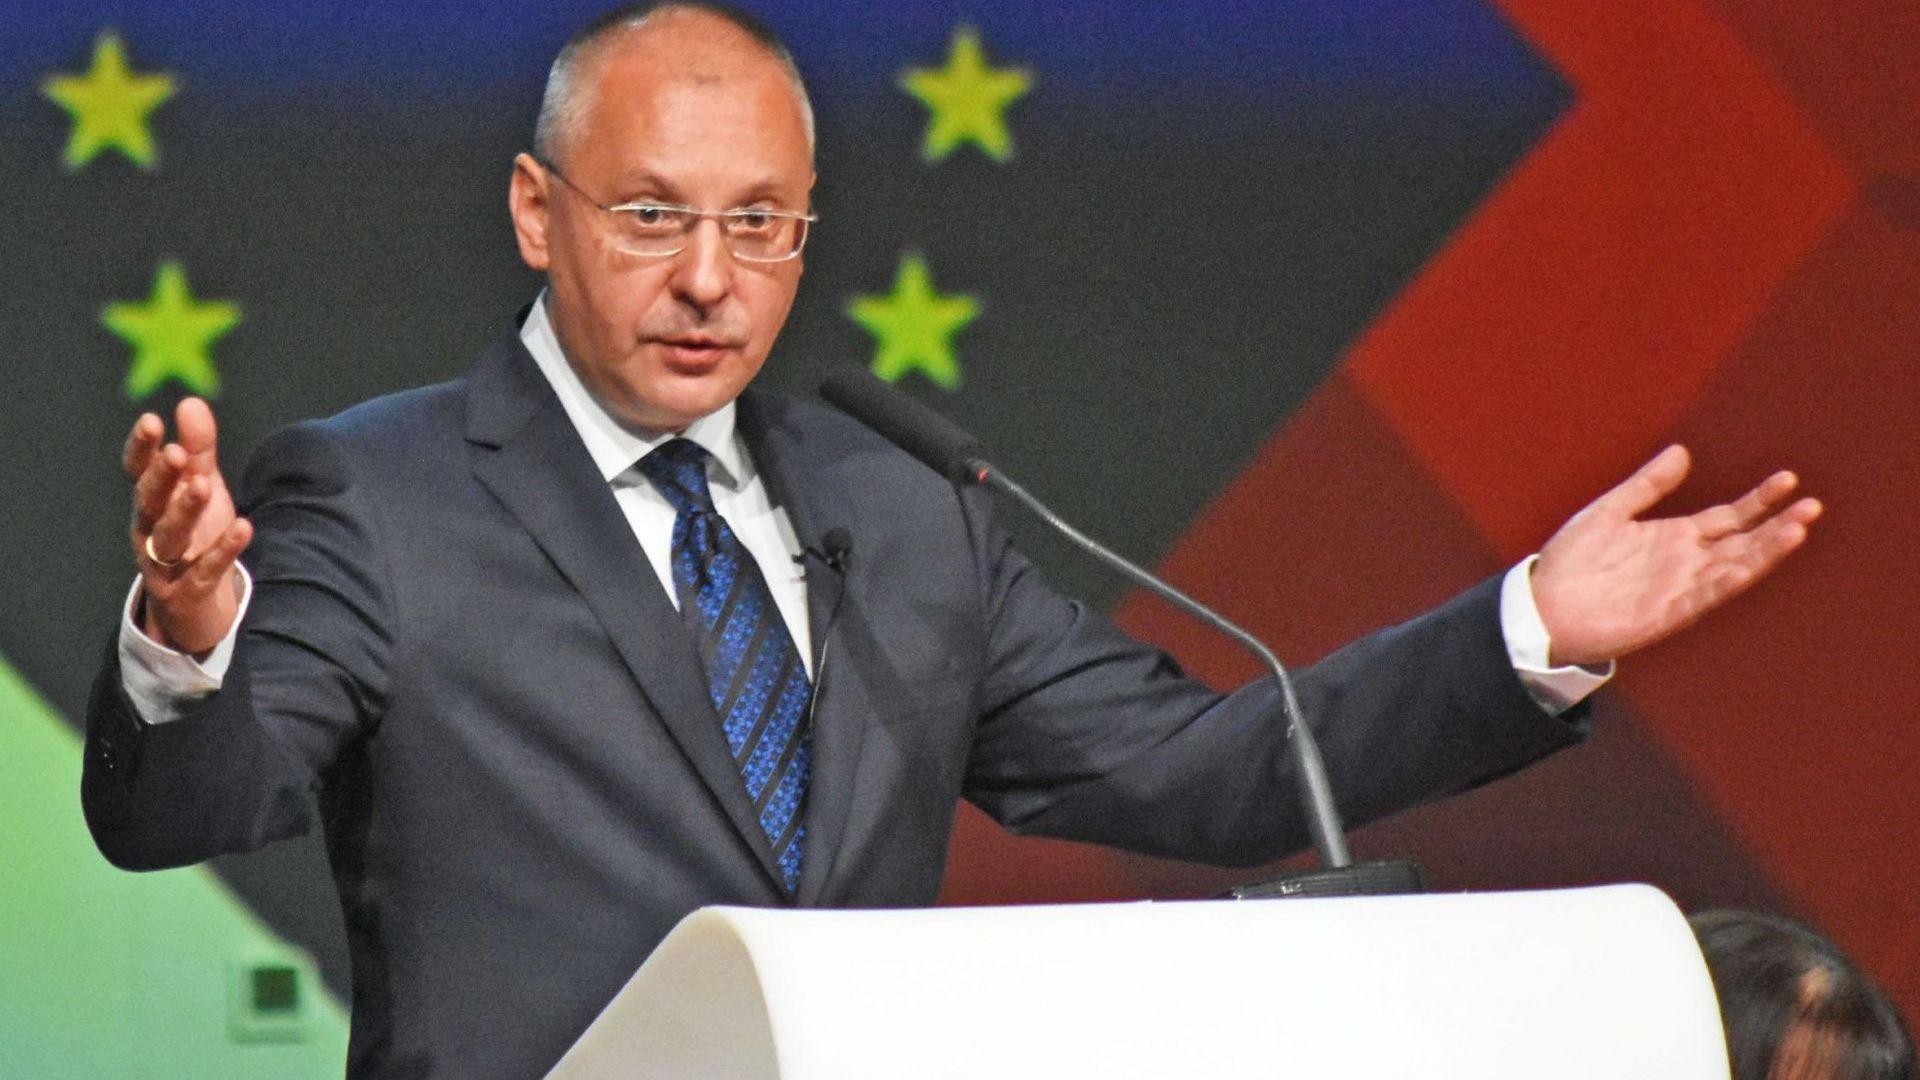 Станишев: С този председател БСП няма шанс да спечели парламентарните избори